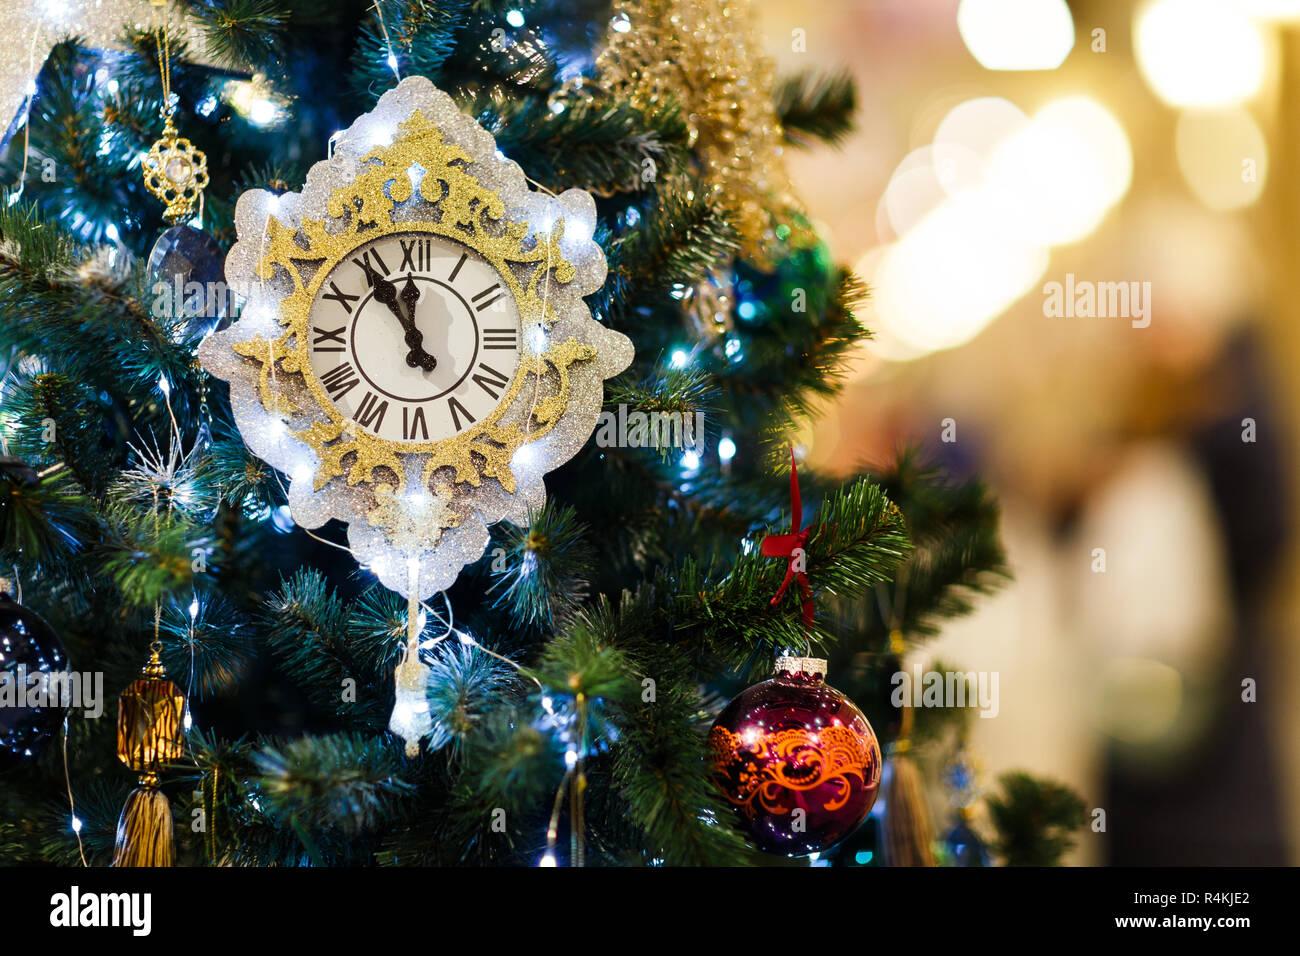 Albero Di Natale Con Decorazioni Blu : Immagine dell albero di natale decorato con orologio palle blu in